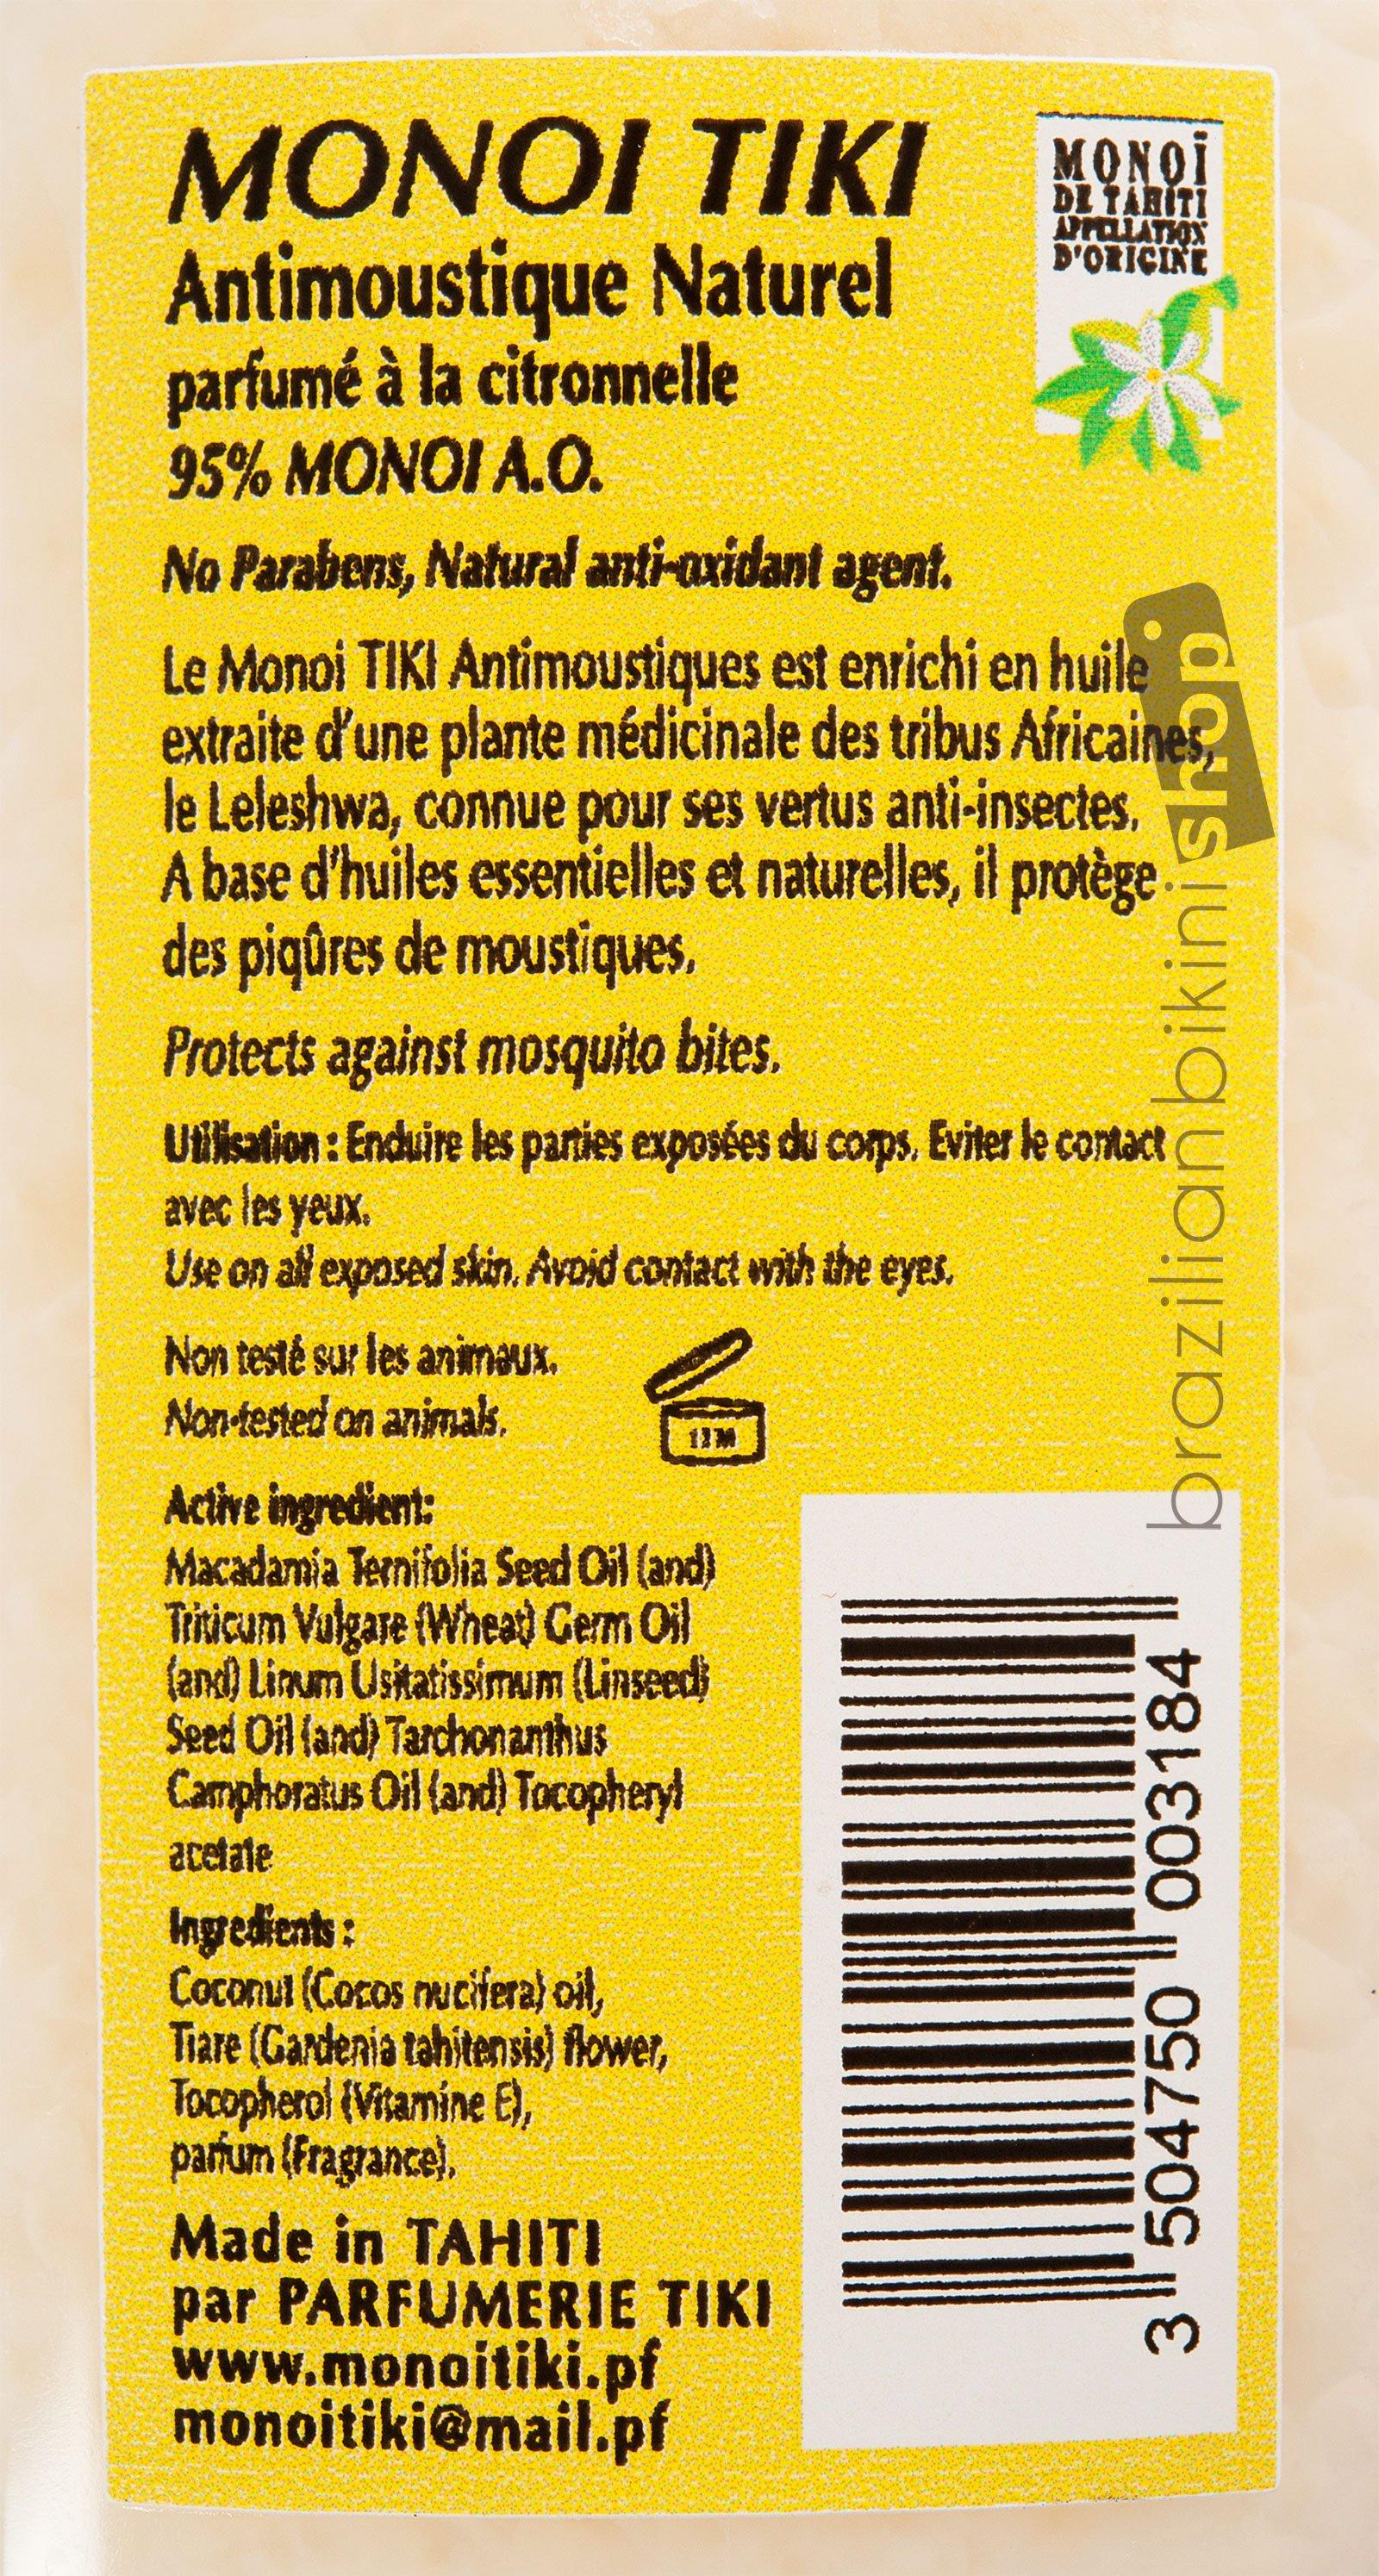 ... Monoï Parfum Citronnelle, Répulsif Anti Moustiques   Tiki Monoi  ANTIMOUSTIQUE 120 Ml